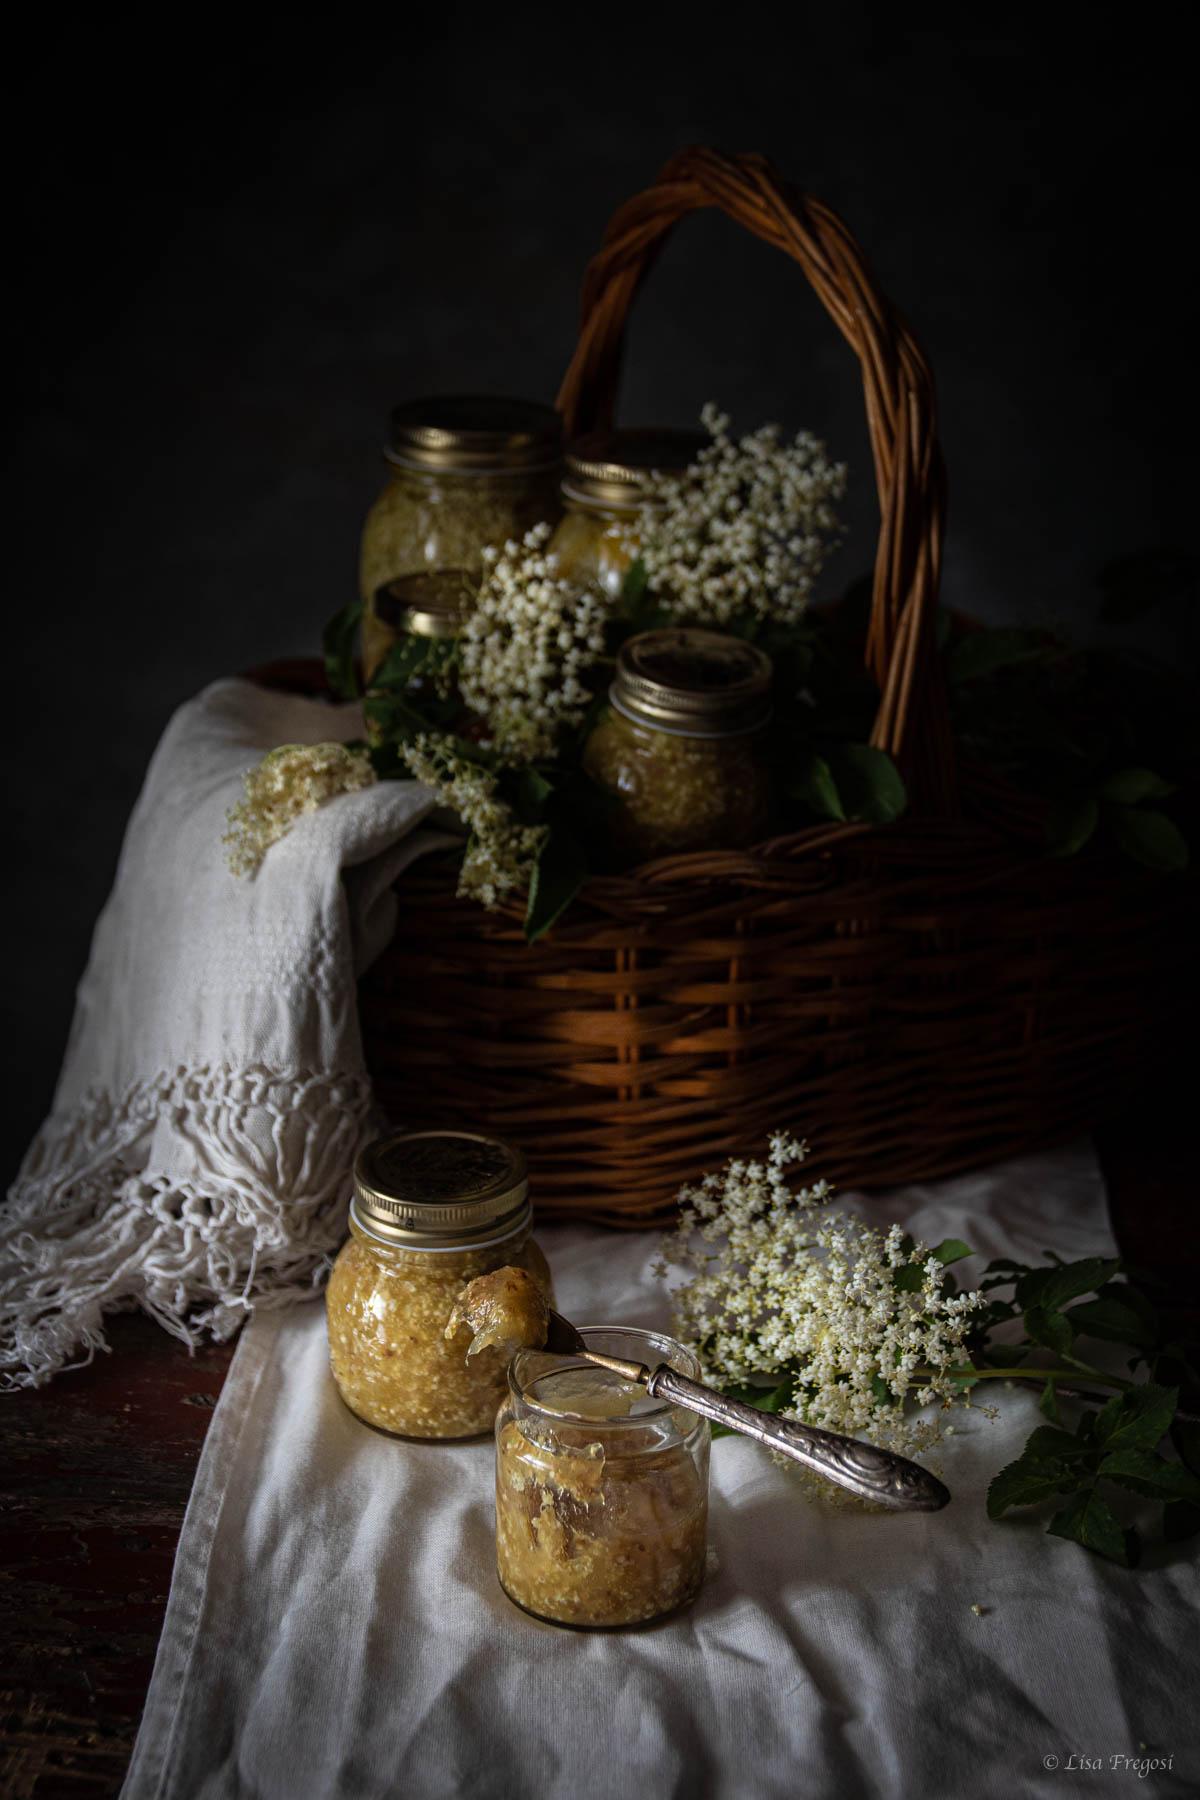 marmellata di fiori di sambuco foto